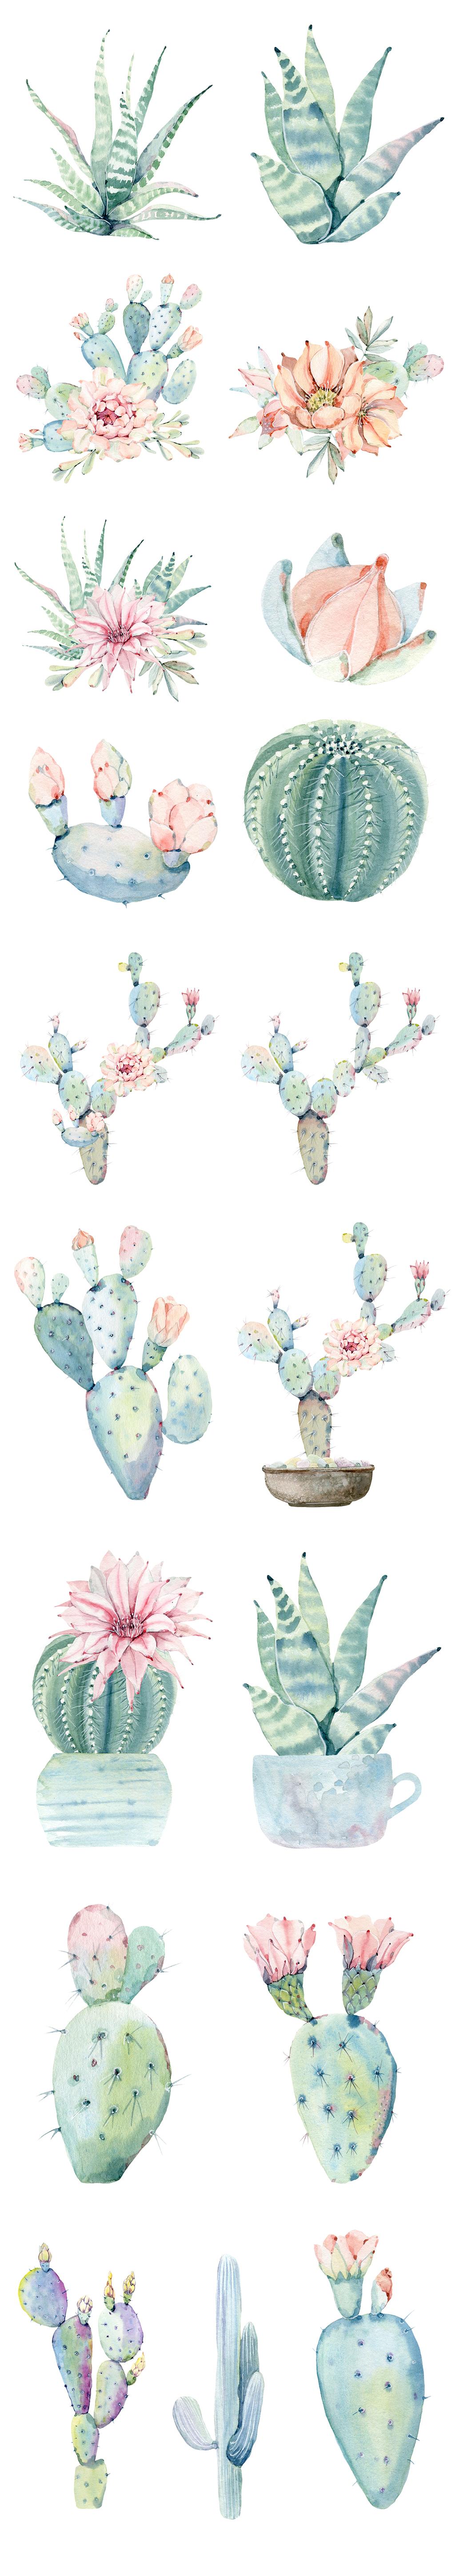 水彩手绘森系小清新绿色植物png